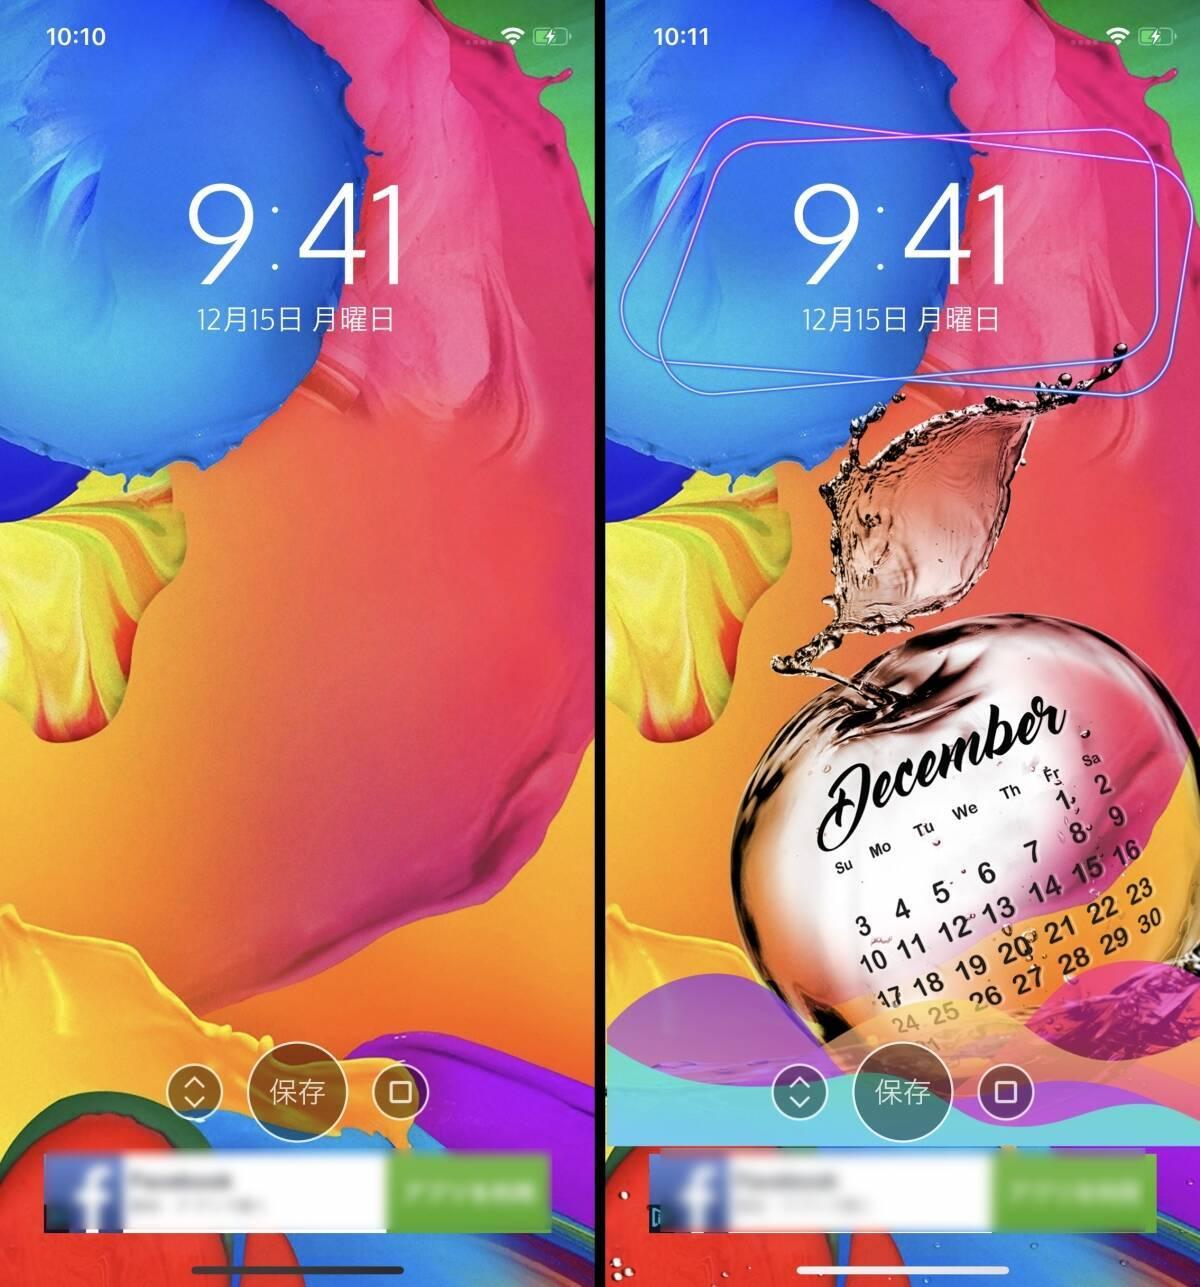 Iphone Xのおすすめ壁紙アプリ サイト 気になる切り欠きを活かす